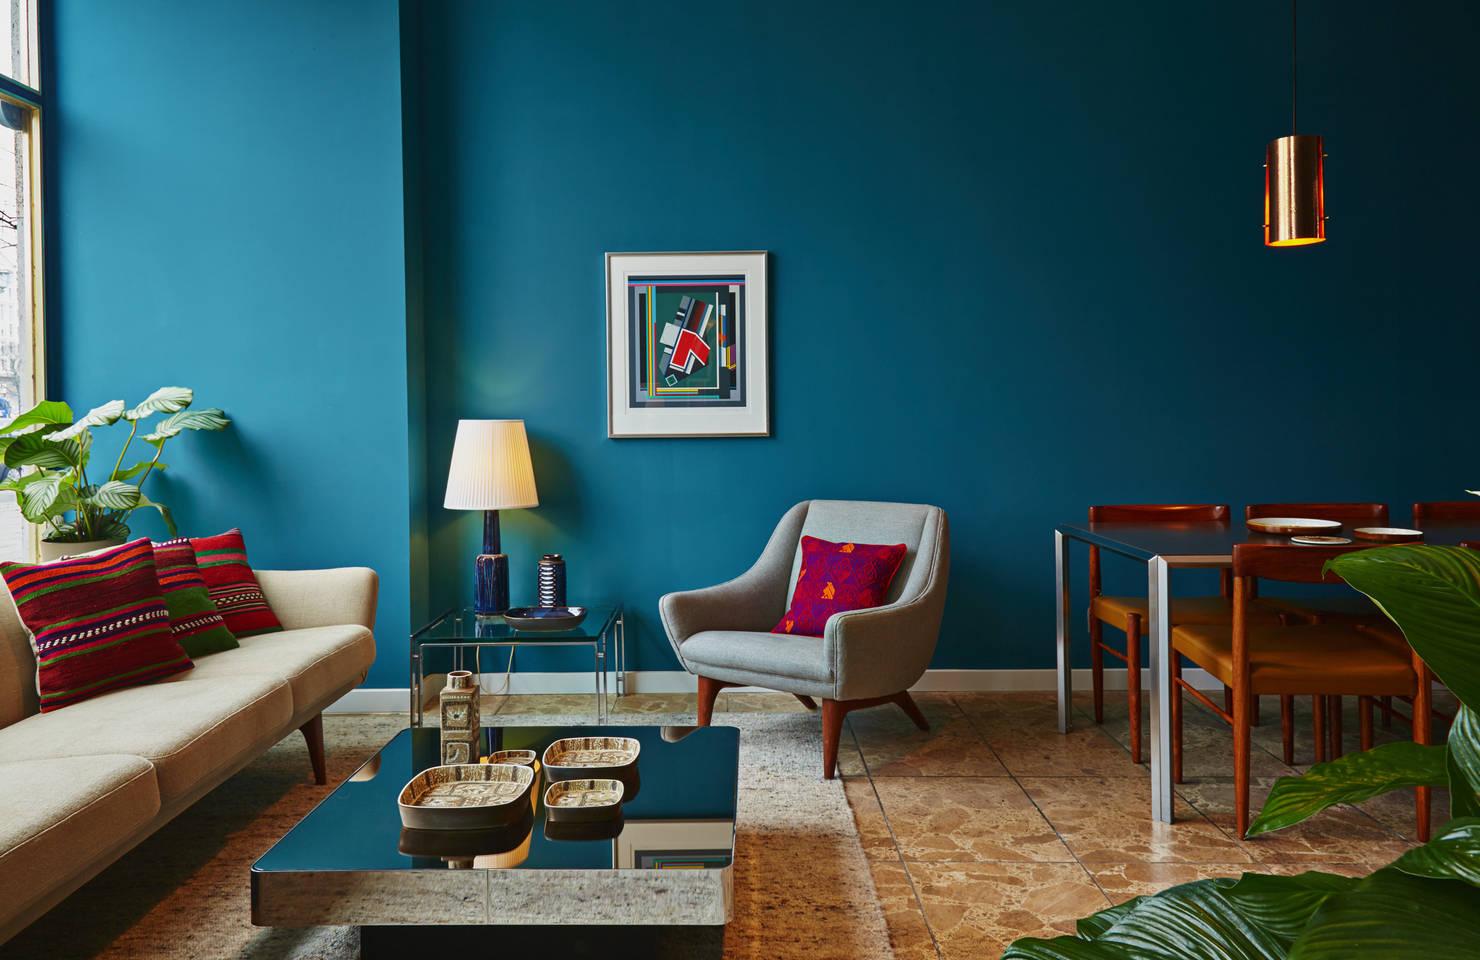 Einfach, aber genial: 17 schöne Ideen für dein Wohnzimmer